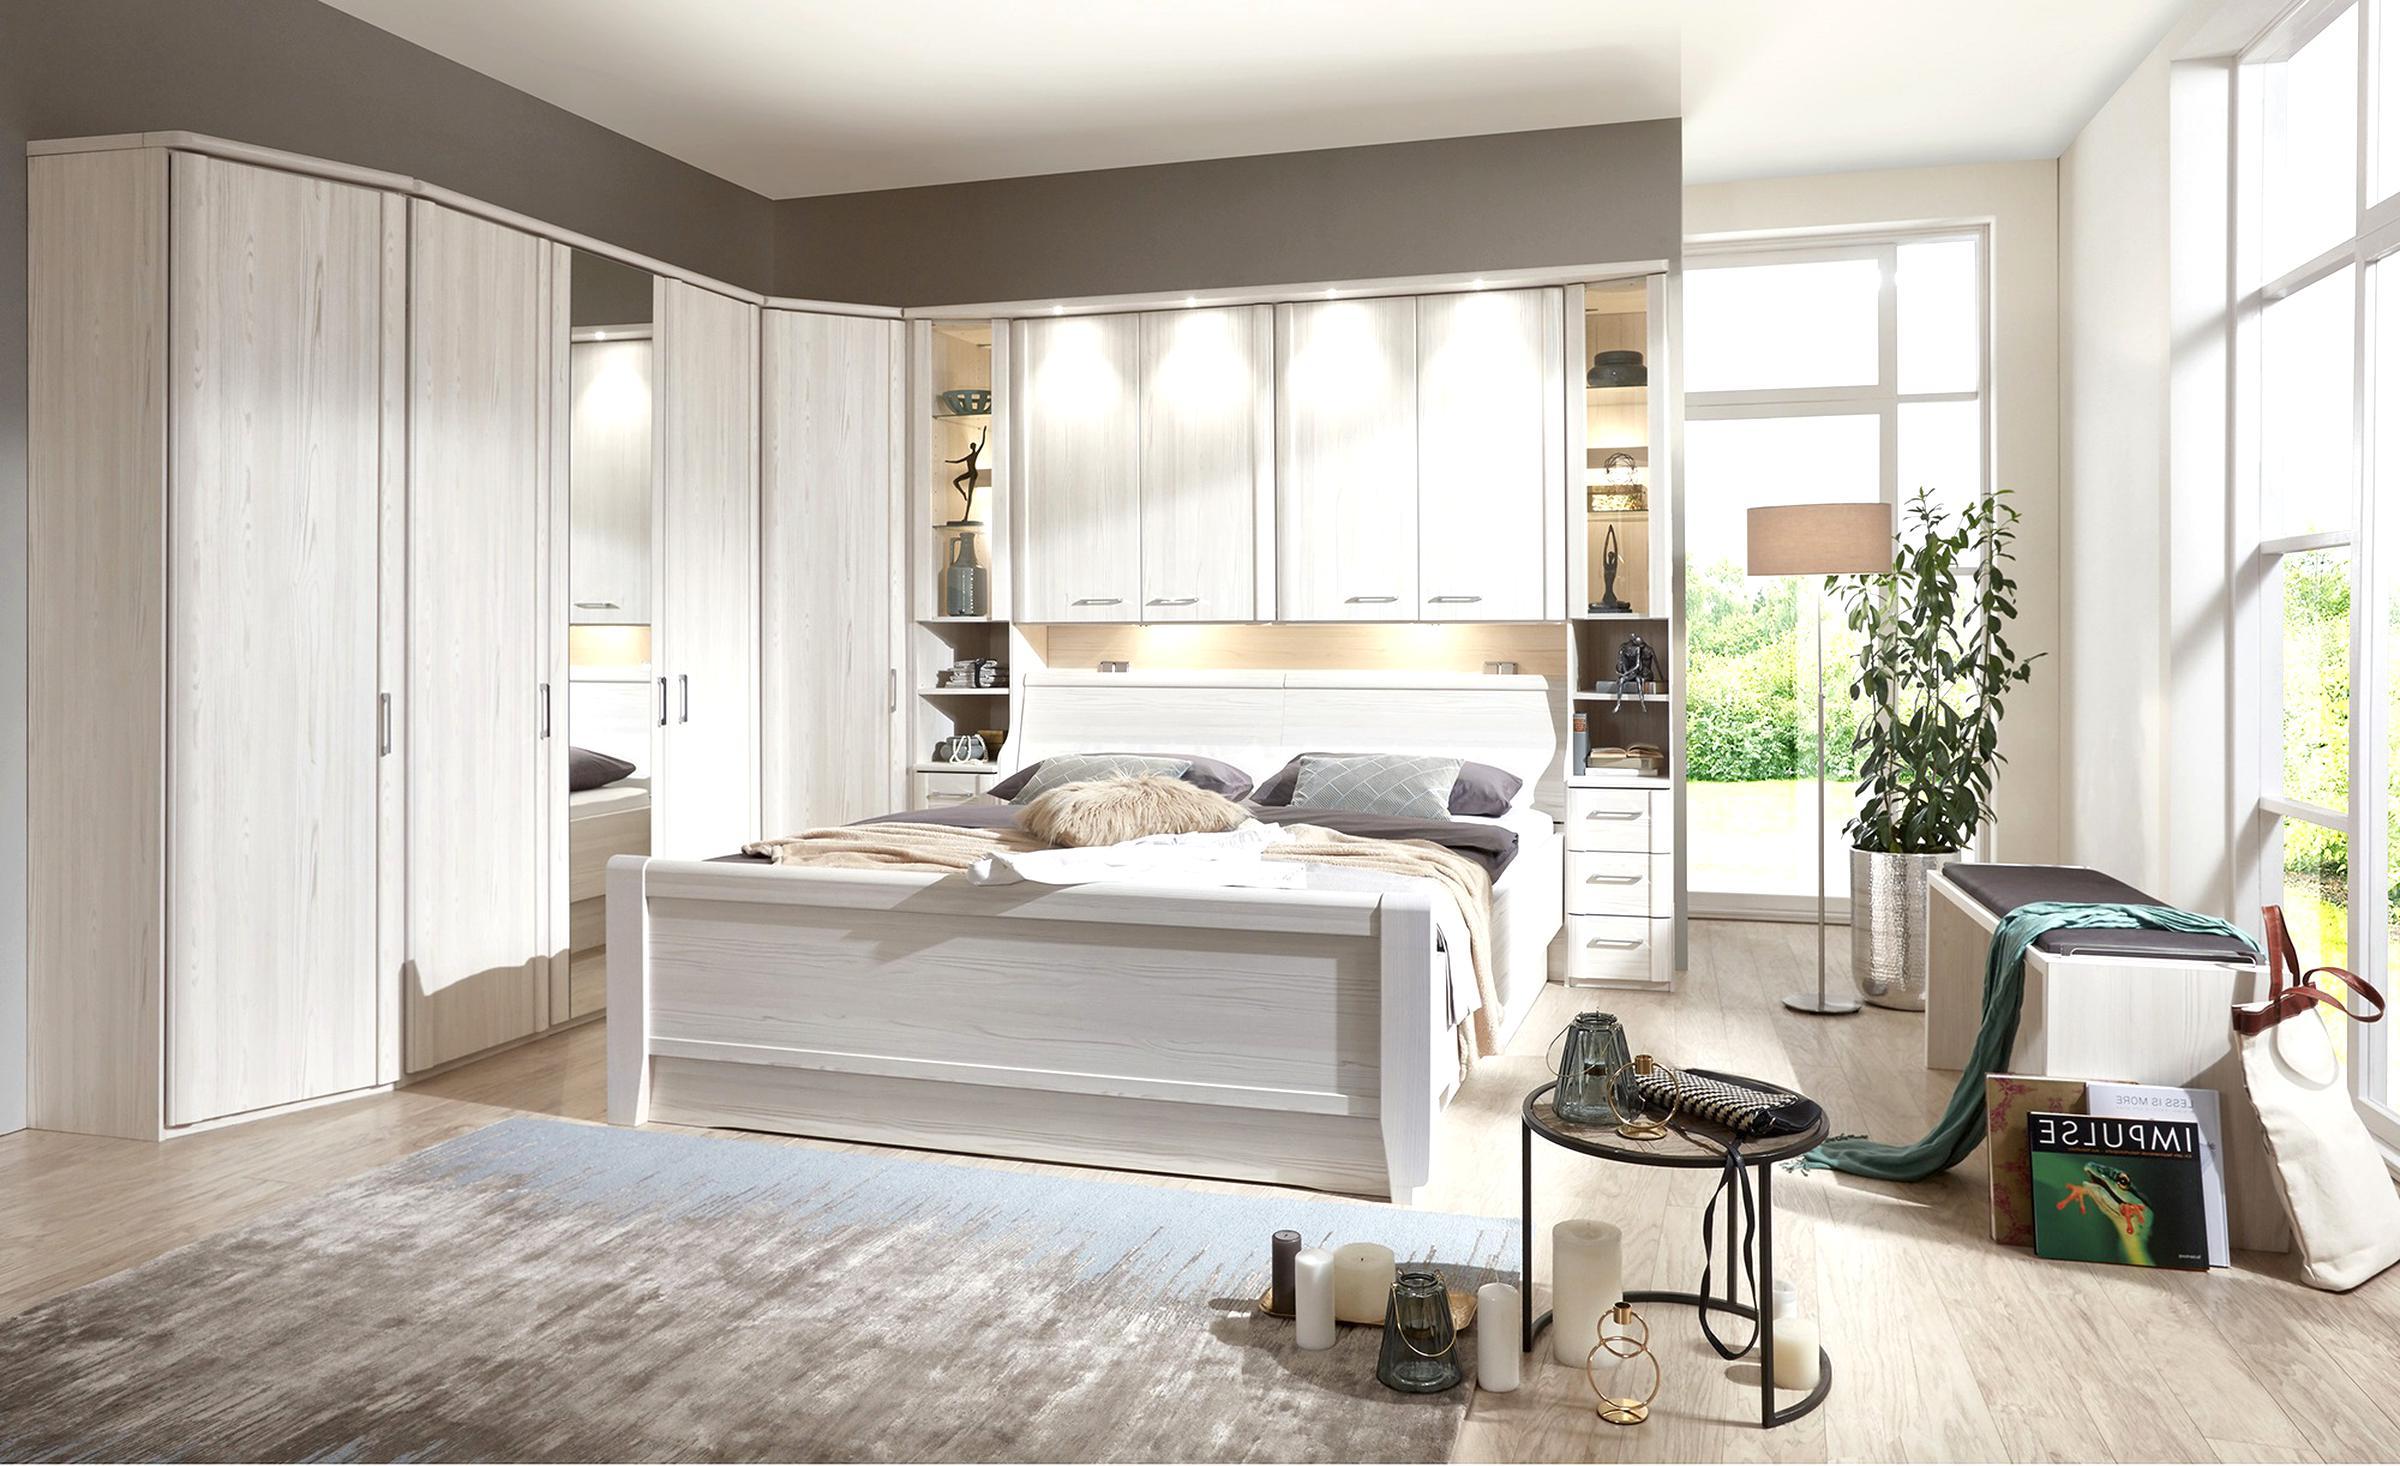 Full Size of Schlafzimmer Komplett Günstig Gebraucht Kaufen Nur 3 St Bis 75 Gnstiger Bett Günstige Betten Stuhl 180x200 Sofa Sessel Regale Komplettküche Regal 140x200 Schlafzimmer Schlafzimmer Komplett Günstig